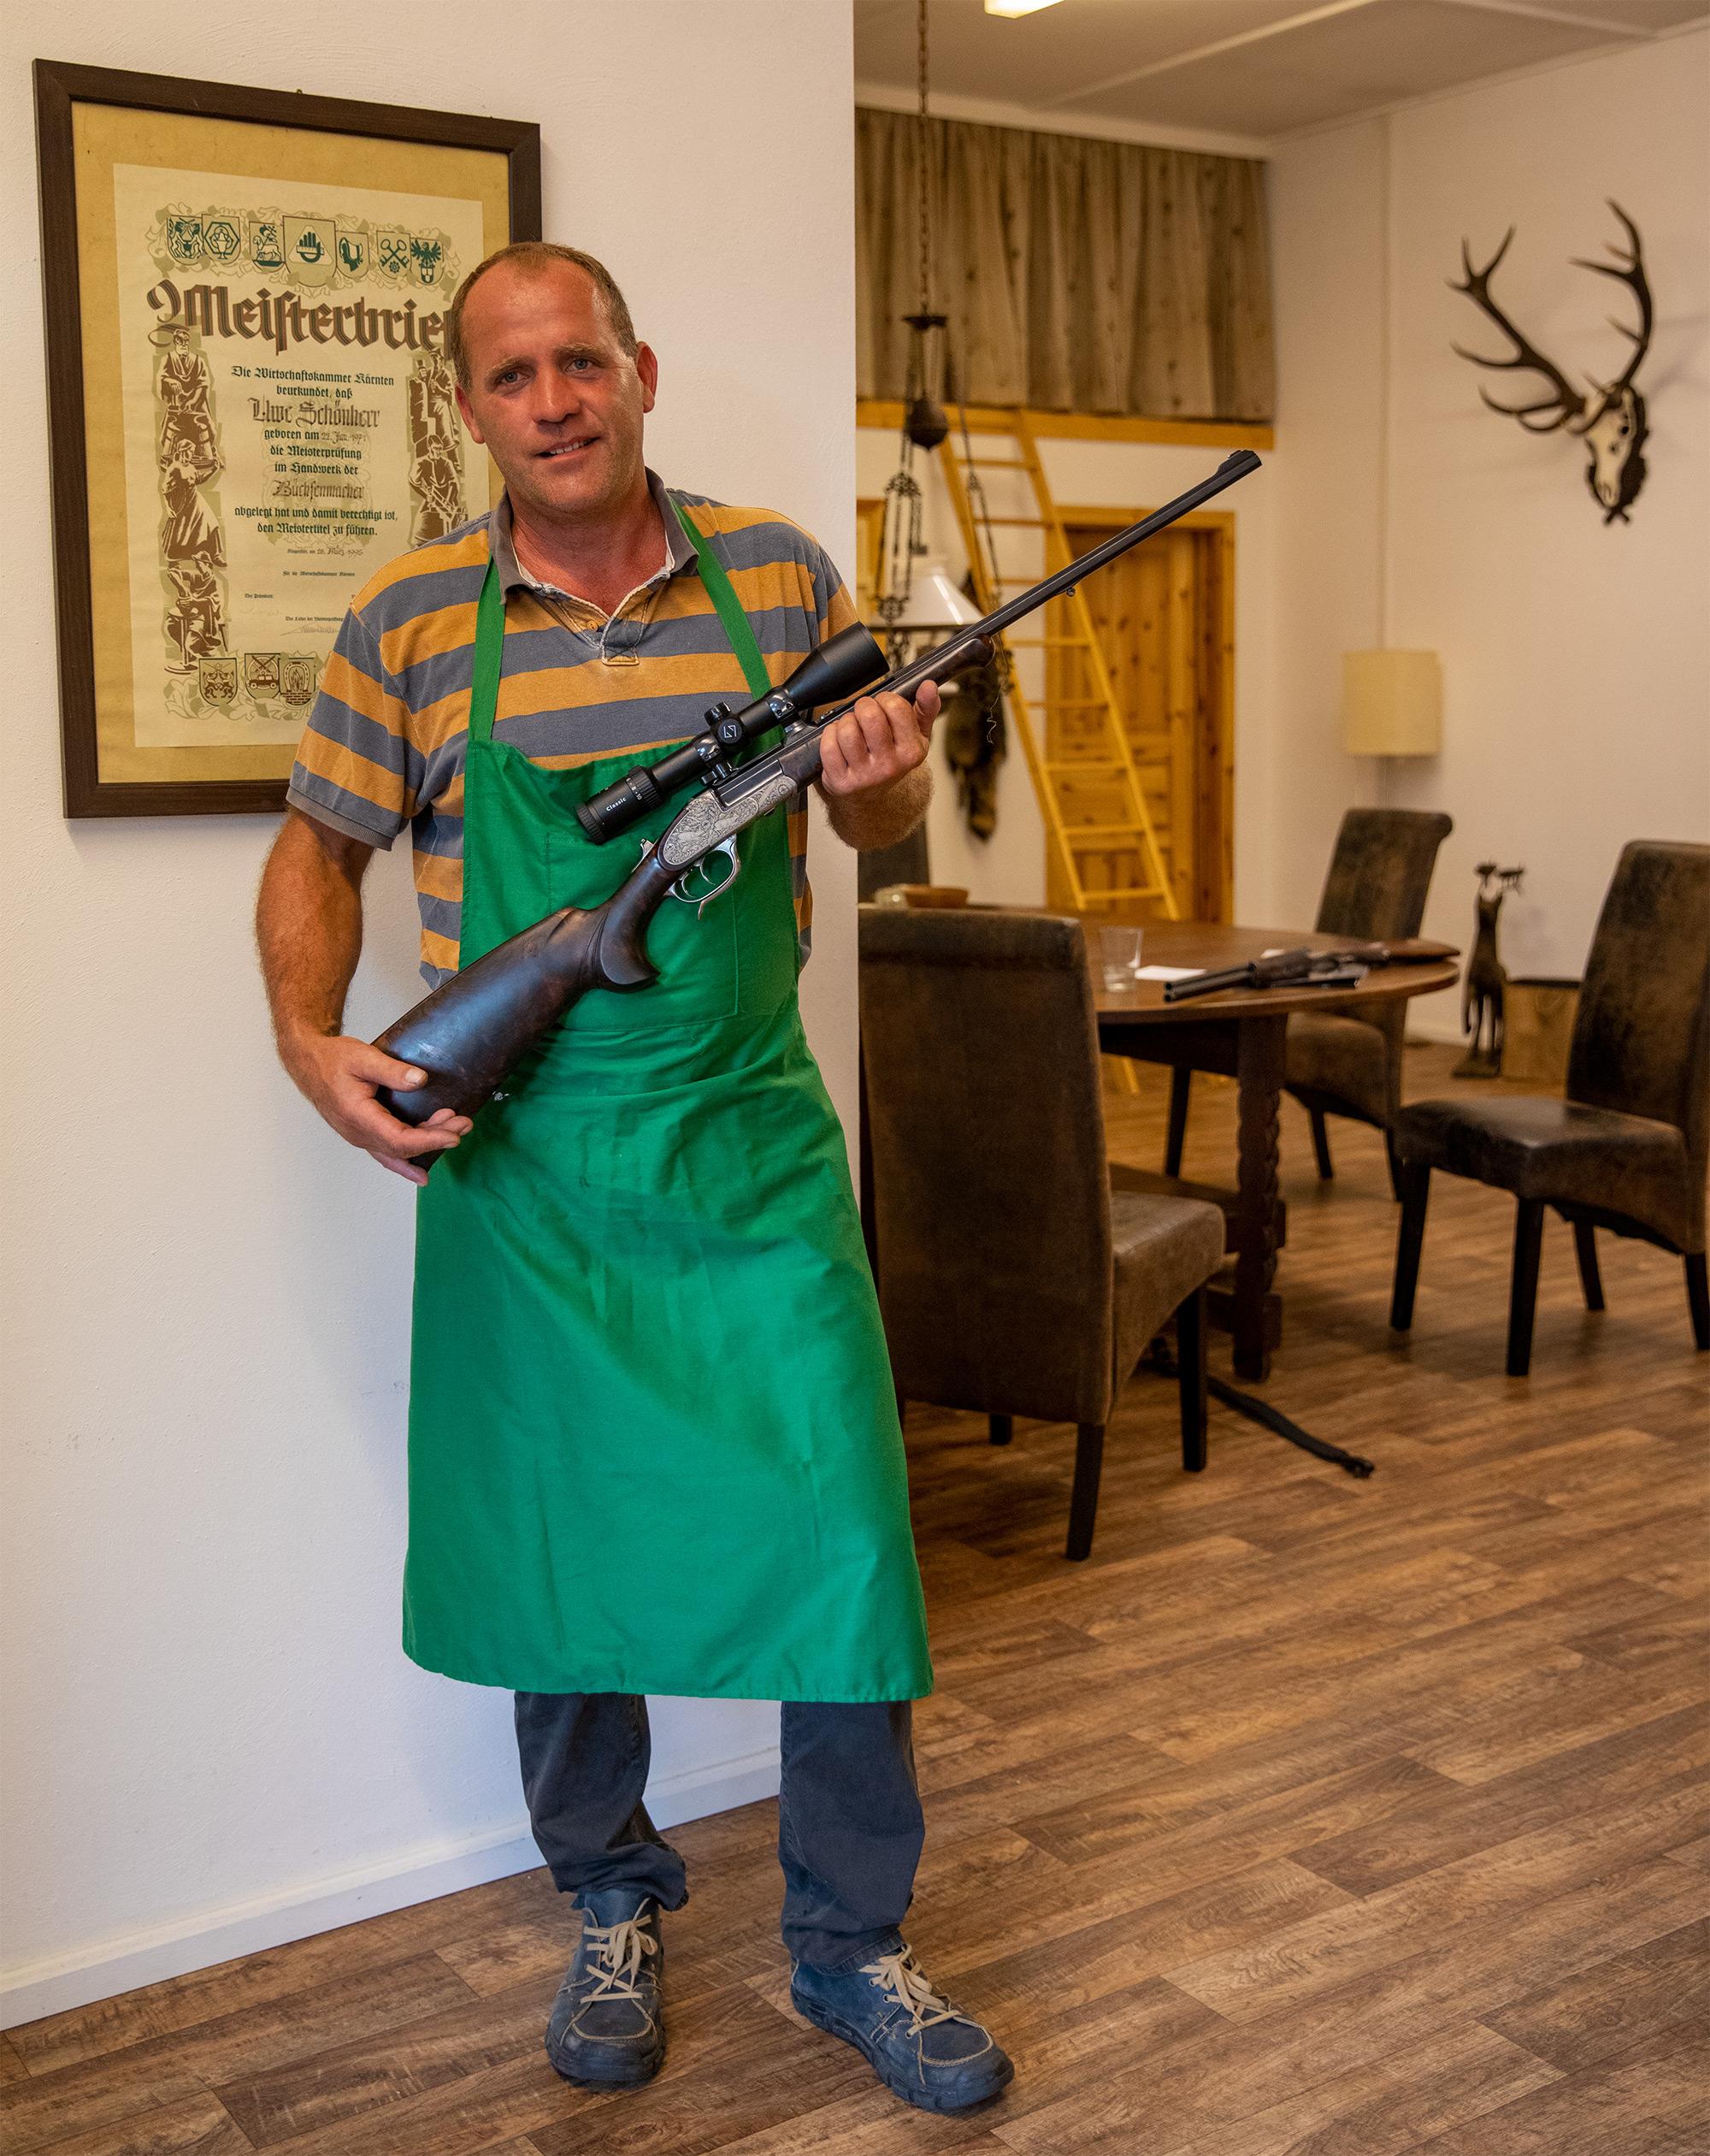 Ferlacher Büchsenmachermeister seit 1995 </br>Ihr Spezialist für exclusive Jagdwaffen in Berlin/Brandenburg